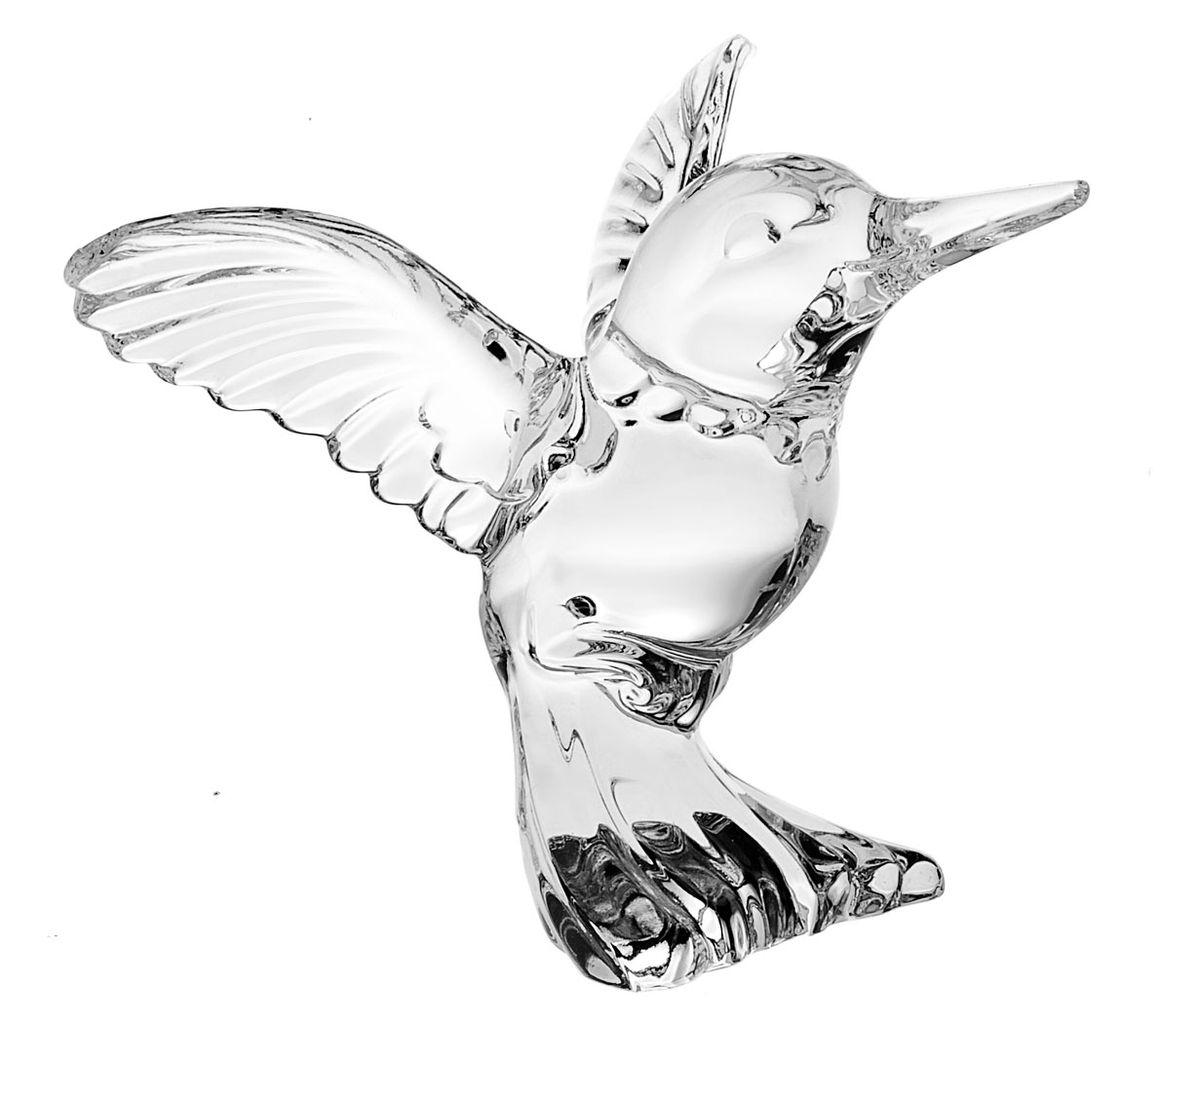 Фигурка декоративная Crystal Bohemia Колибри, высота 8 см990/74818/0/58900/080-109Декоративная фигурка Crystal Bohemia Колибри изготовлена из хрусталя и выполнена в виде маленькой птицы колибри. Такая фигурка подойдет для декора интерьера дома или офиса. Вы можете поставить фигурку в любом месте, где она будет удачно смотреться и радовать глаз. Кроме того - это отличный вариант подарка для ваших близких и друзей. Размер фигурки (ДхШхВ): 11,5 см х 9,5 см х 8 см.